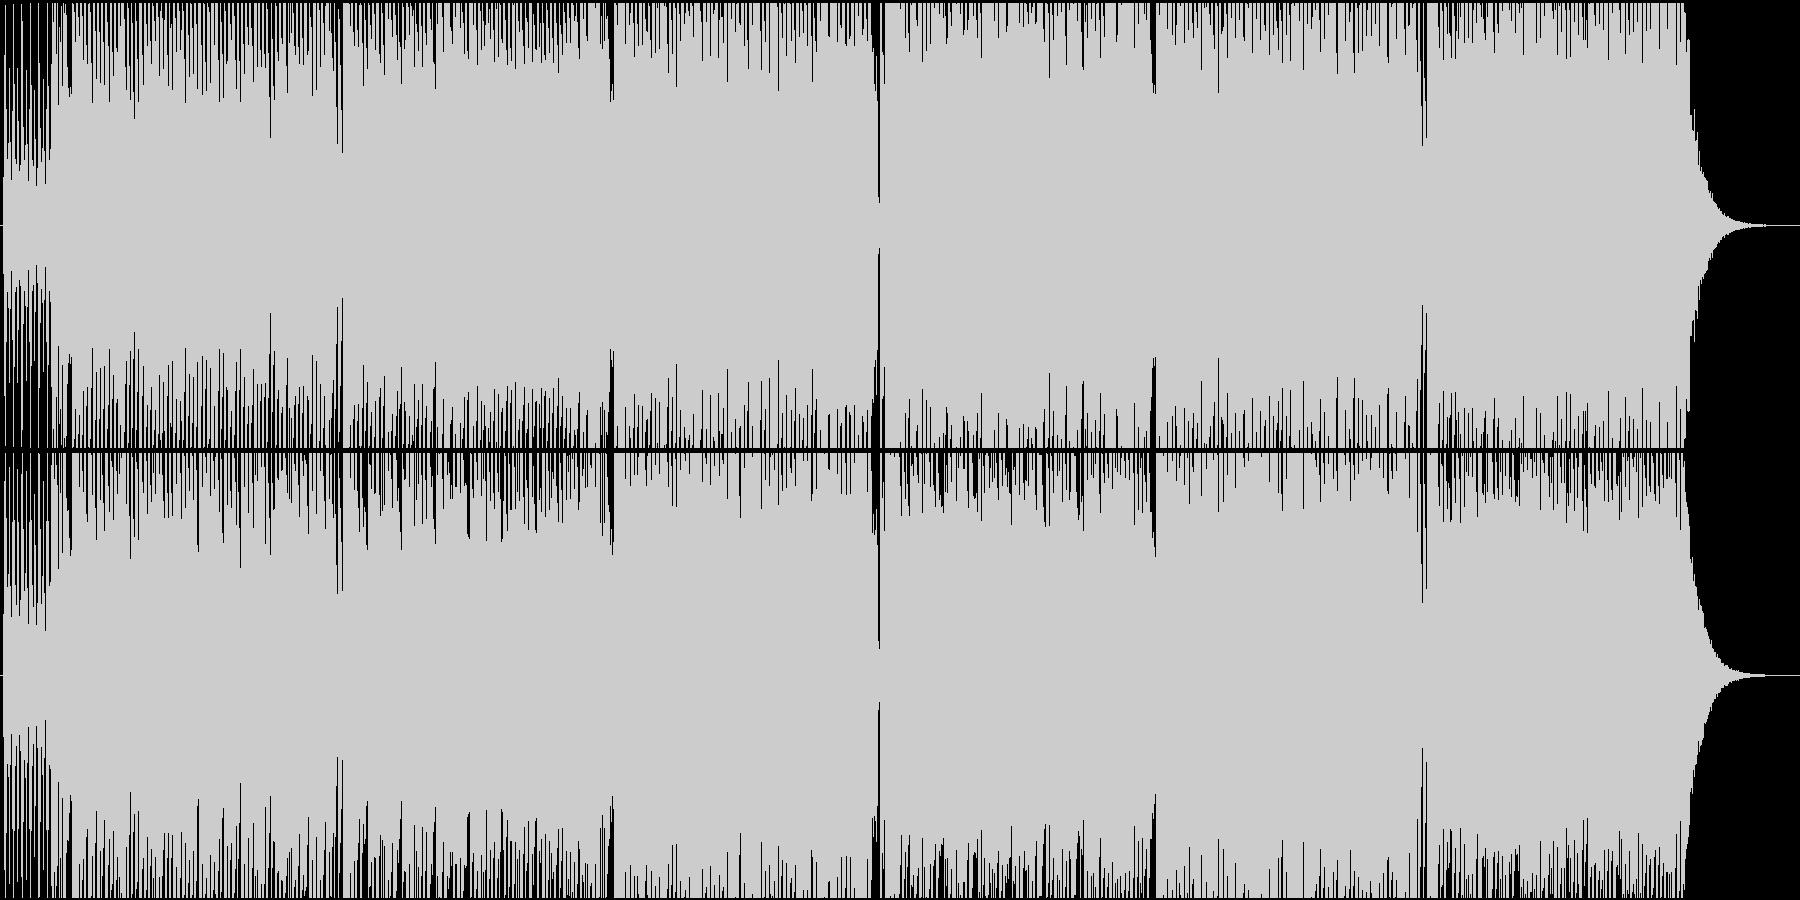 往年の名曲「ジングルベル」のカバーの未再生の波形